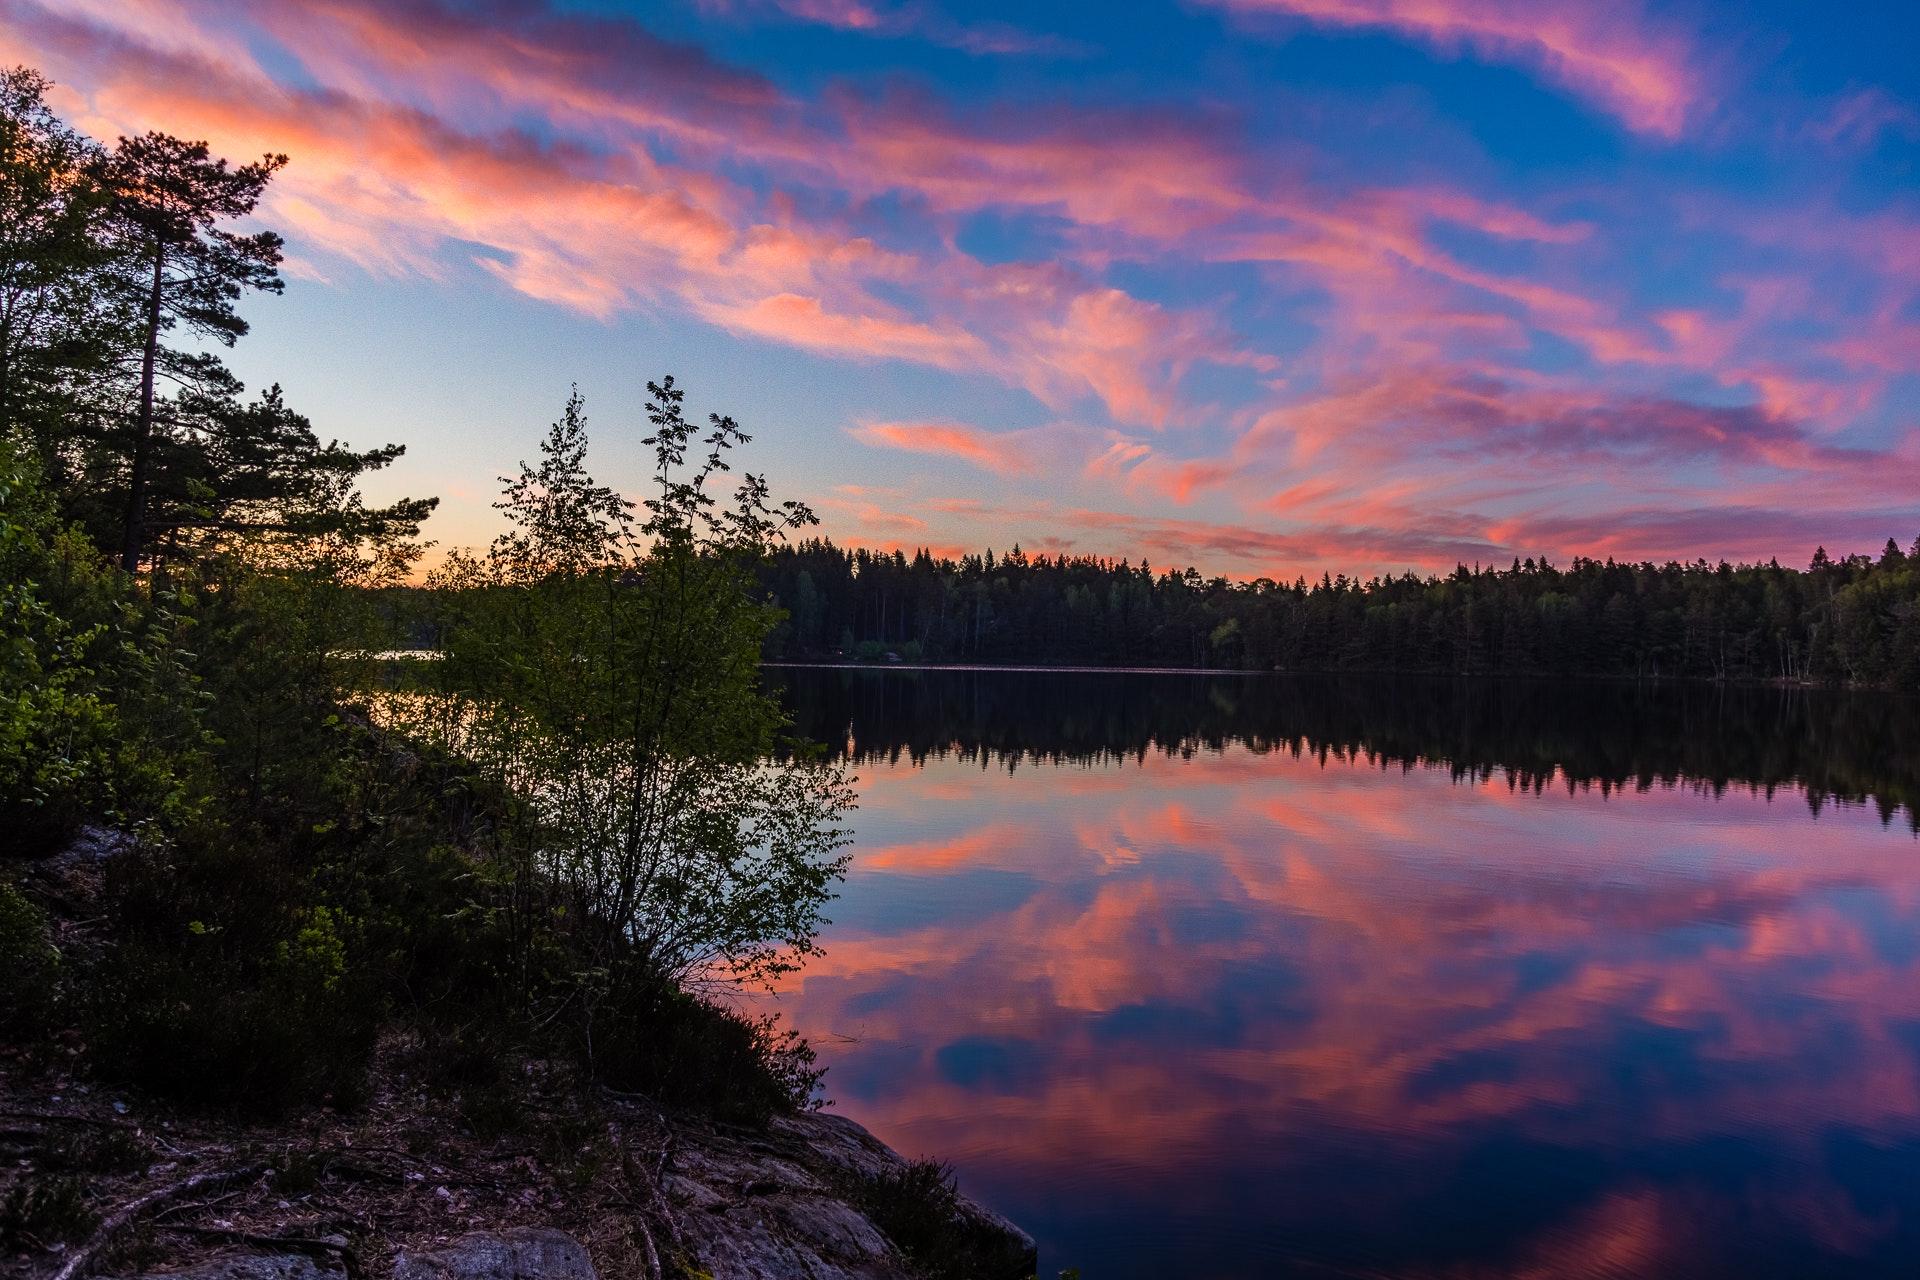 Sunset over Stora Kroksjön